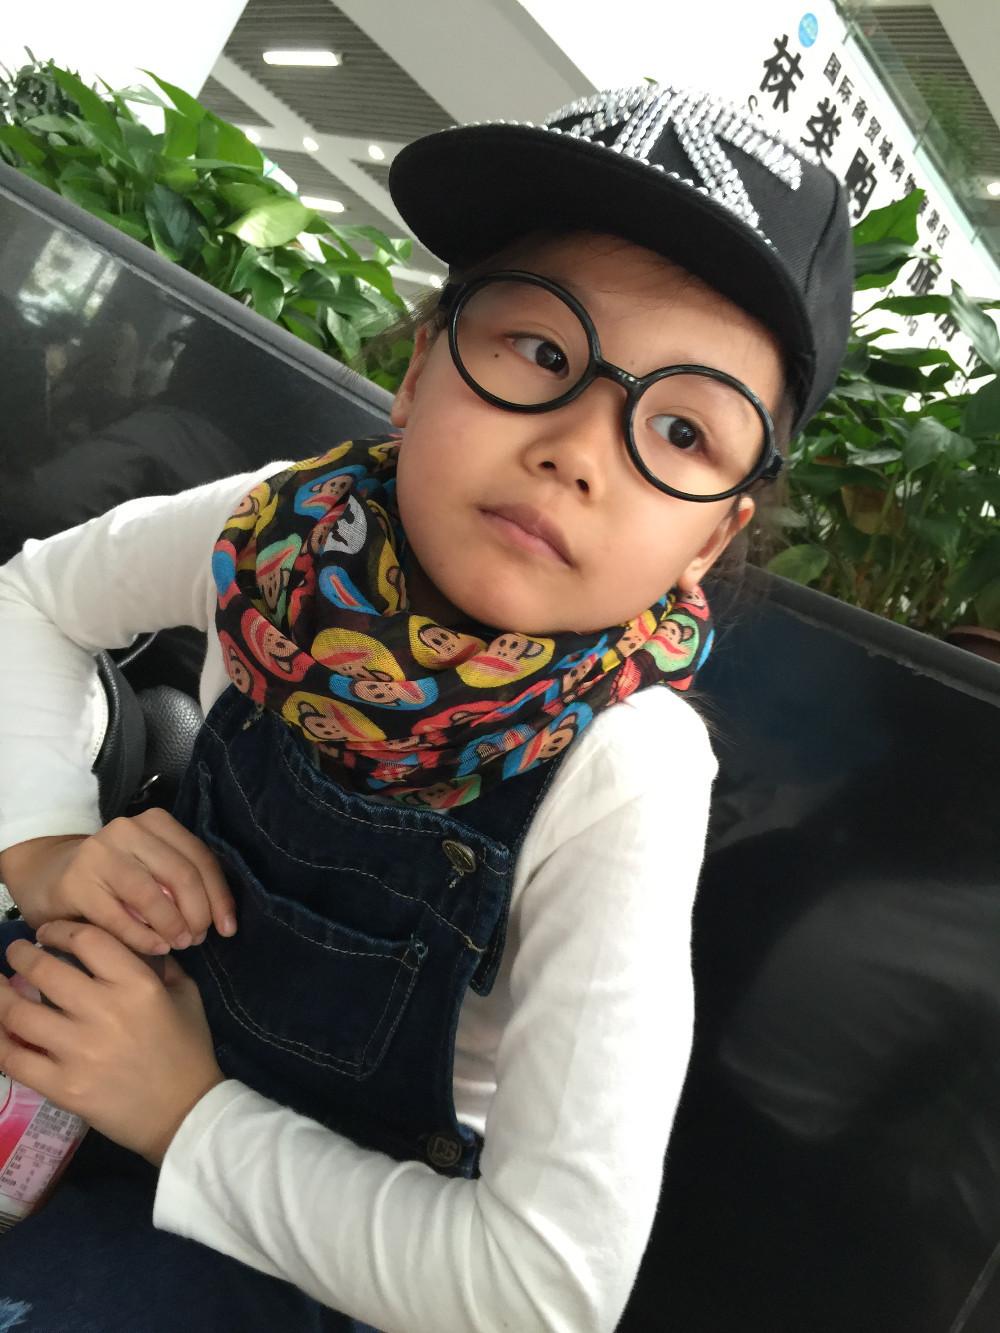 2015 новых детей зима осень шарф удобные мягкие лен детские шарф бесконечность милые обезьяны платки для мальчиков и девочек